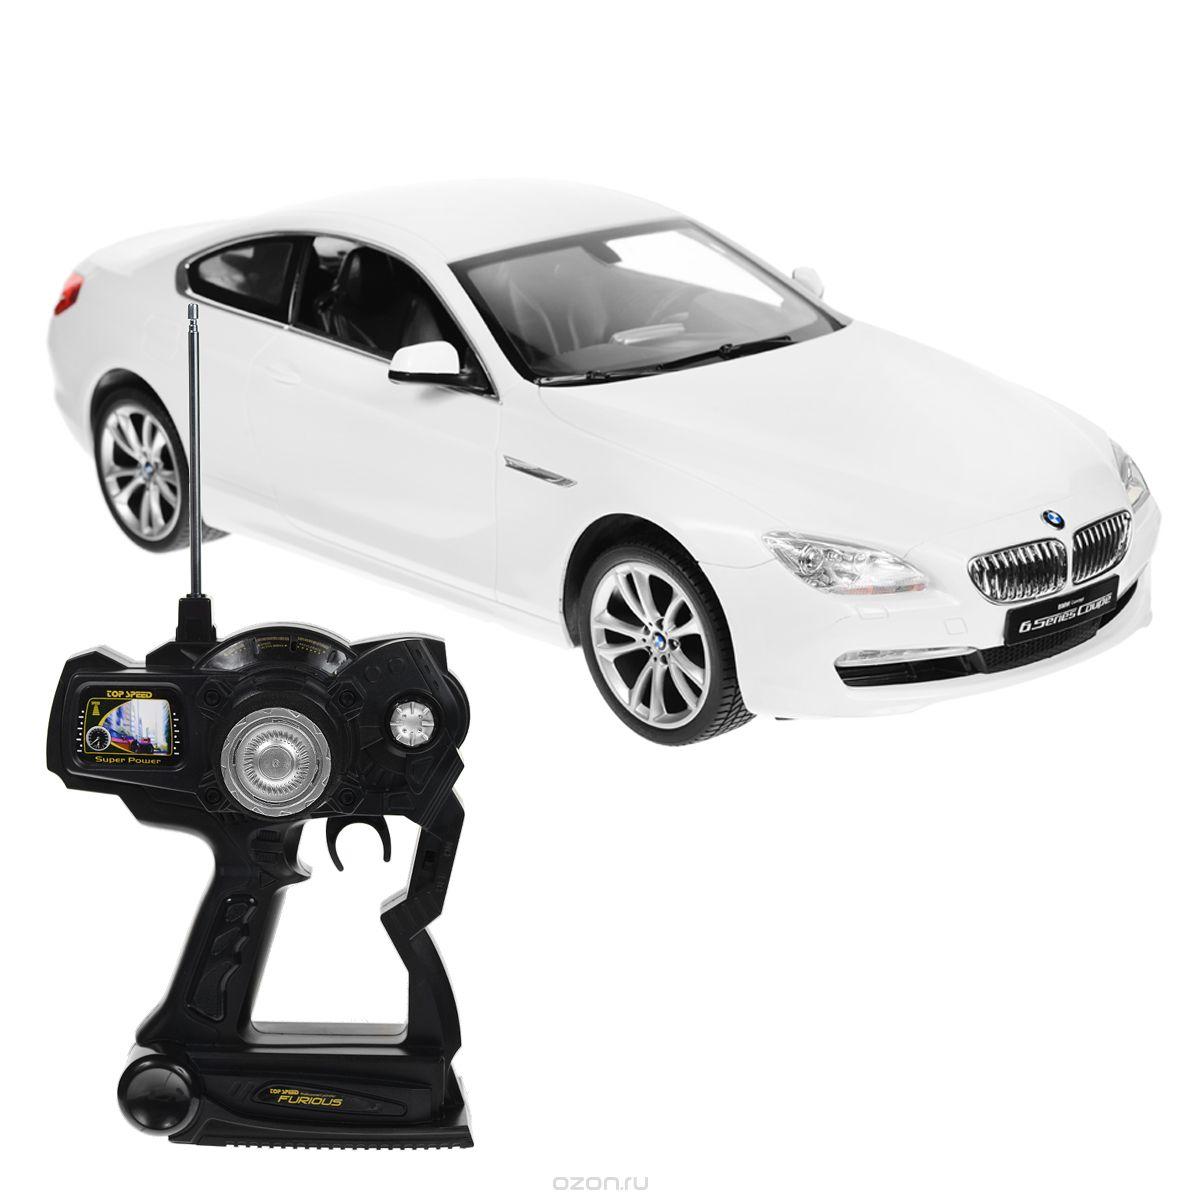 """Радиоуправляемая модель Rastar """"BMW 6S"""" со световыми эффектами, являющаяся точной копией настоящего автомобиля, - отличный подарок не только ребенку, но и взрослому. Автомобиль изготовлен из современных прочных материалов и обладает высокой стабильностью движения, что позволяет полностью контролировать его процесс, управляя без суеты и страха сломать игрушку. Основные направления движения автомобиля: вперед-назад-влево-вправо. Движение вперед и назад сопровождается сигнальными световыми эффектами фар. Прорезиненные колеса обеспечивают превосходное сцепление с любой поверхностью пола. Автомобиль работает от аккумулятора Ni-Cd AA 600 mAh 9.6V, заряжающегося от электрической сети. В комплект входят автомобиль, пульт управления, аккумулятор, зарядное устройство и инструкция на русском языке. Автомобиль работает от аккумулятора Ni-Cd AA 600 mAh 9.6V (входит в комплект), пульт управления - от 1 батарейки 9V 6F22 (не входит в комплект)."""